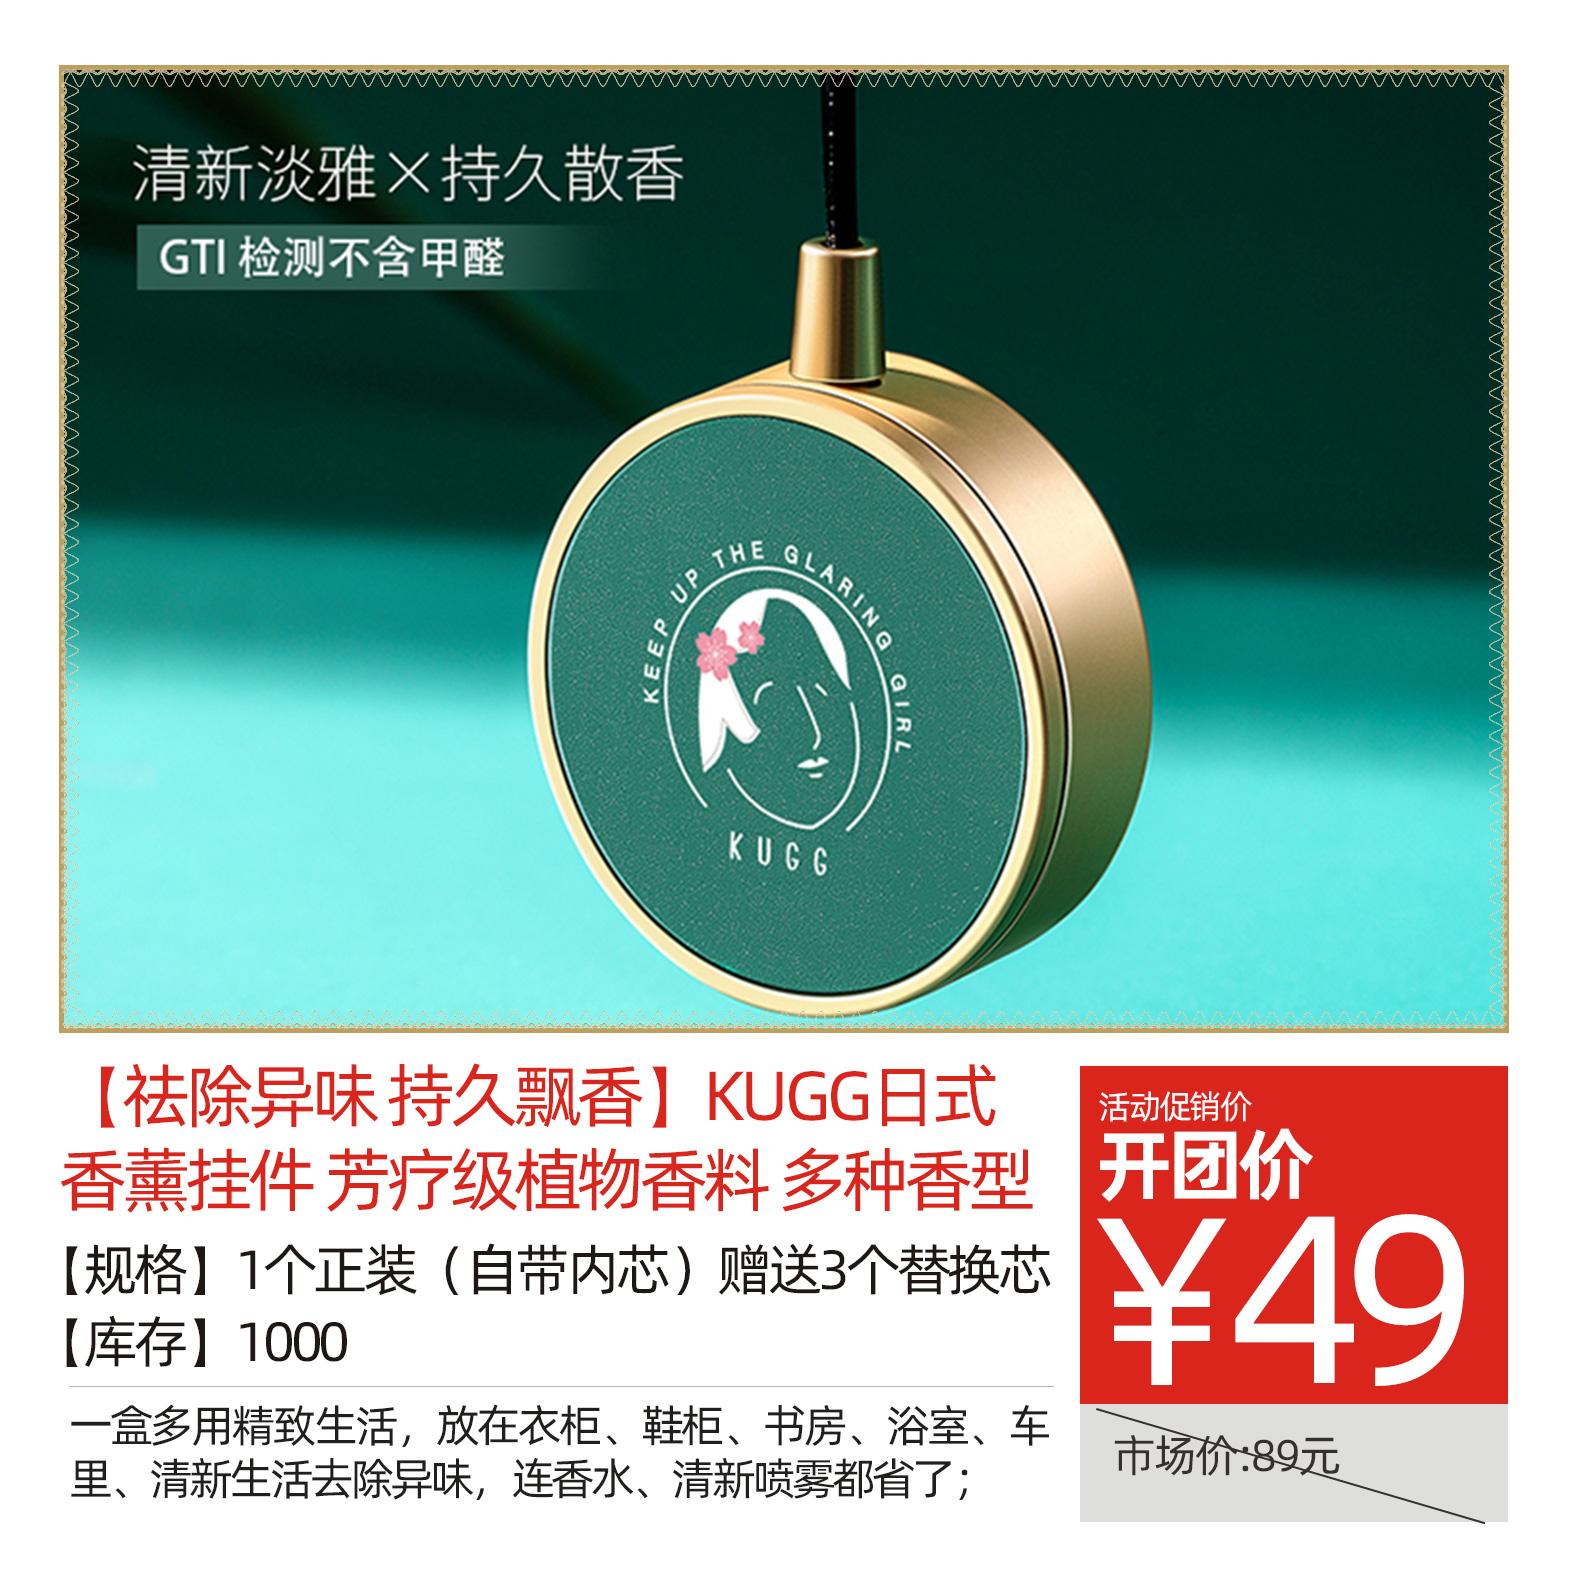 【祛除异味 持久飘香】KUGG日式香薰挂件 芳疗级植物香料 多种香型